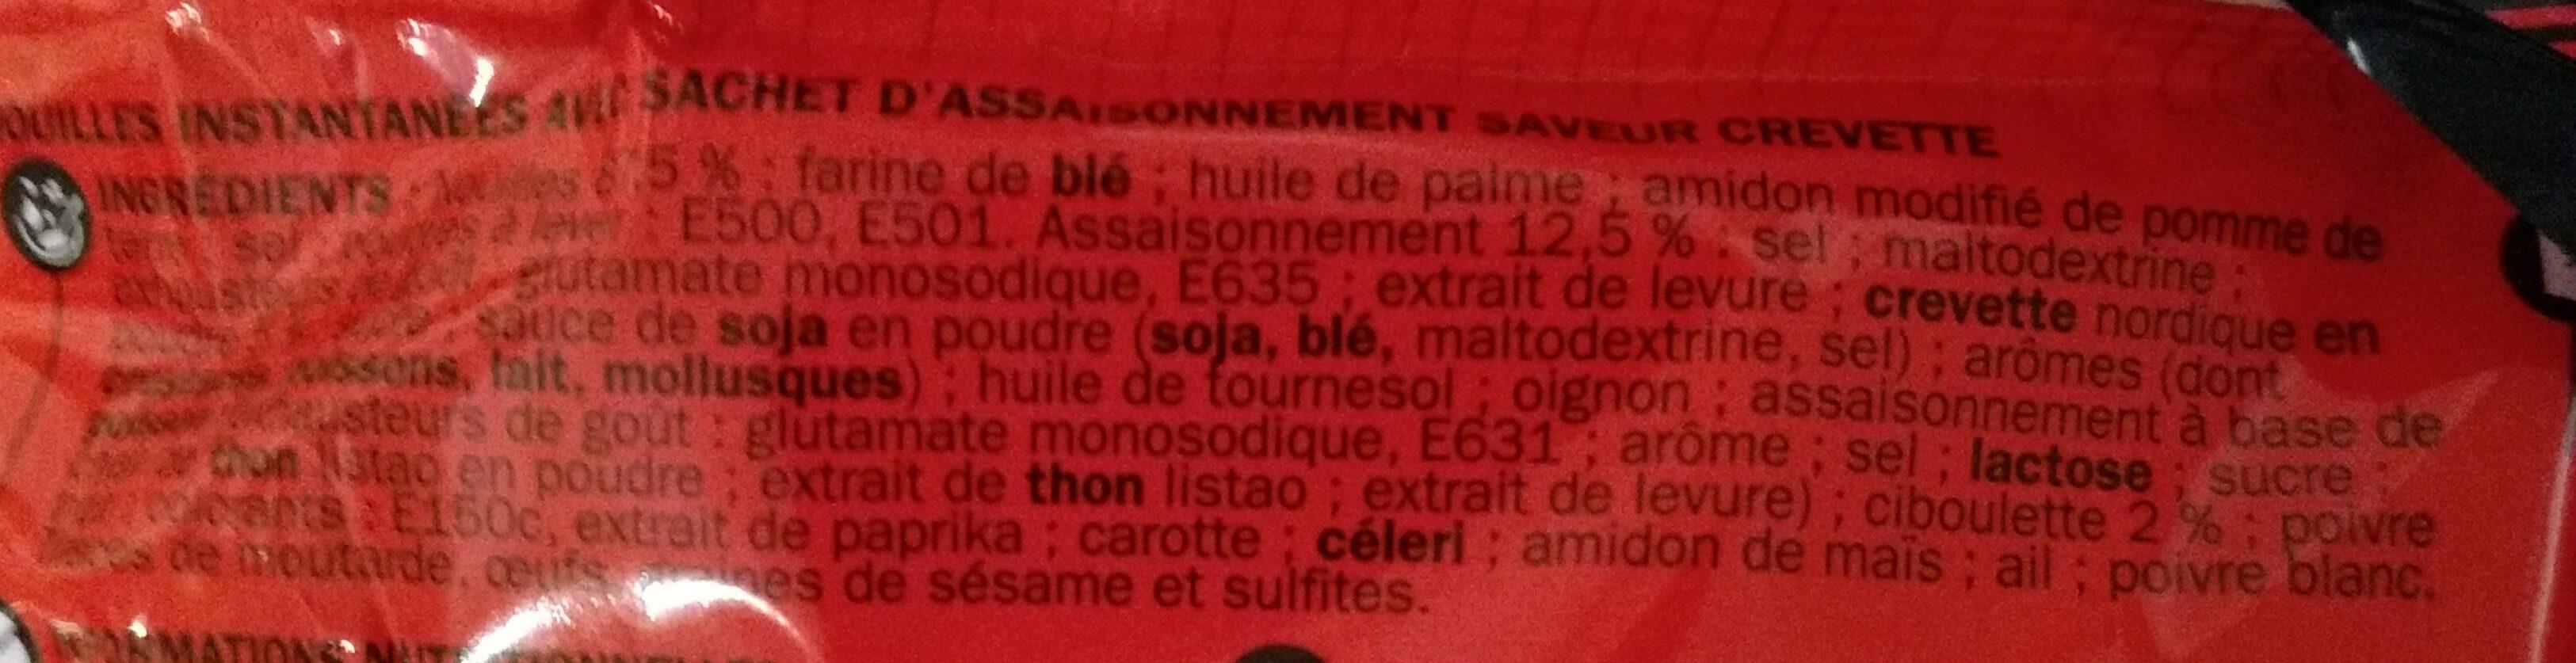 Nouilles asiatiques crevette - Ingrédients - fr